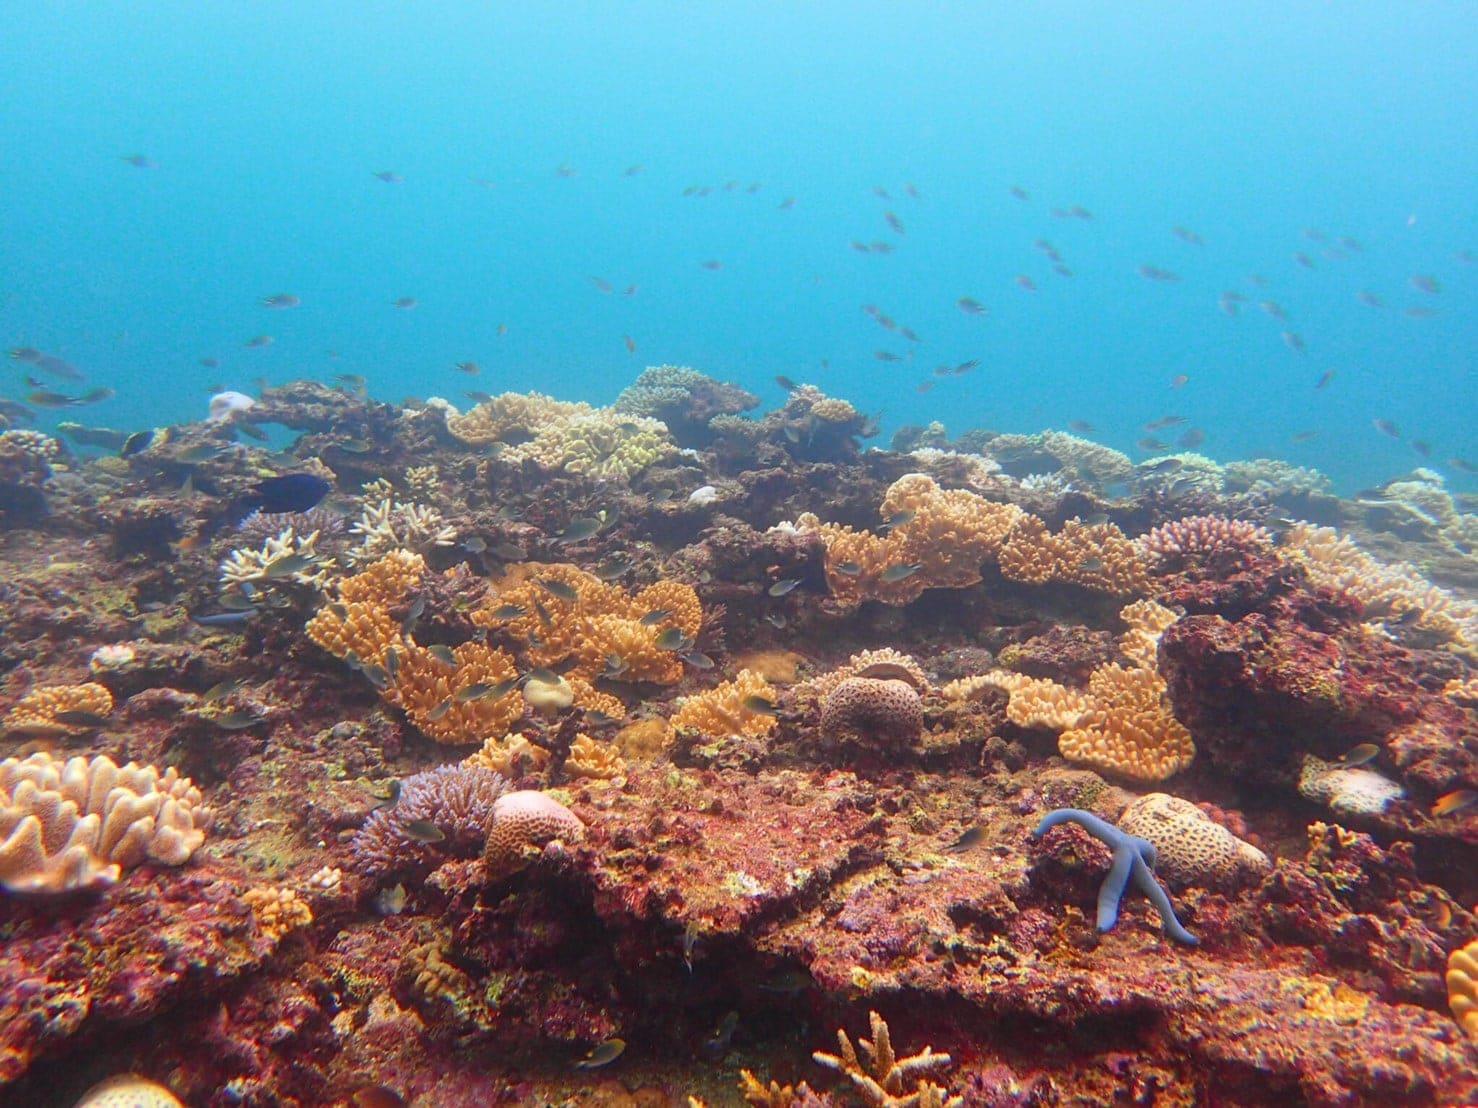 安心【沖縄・恩納村・青の洞窟】ゆったり体験ダイビングのイメージその5